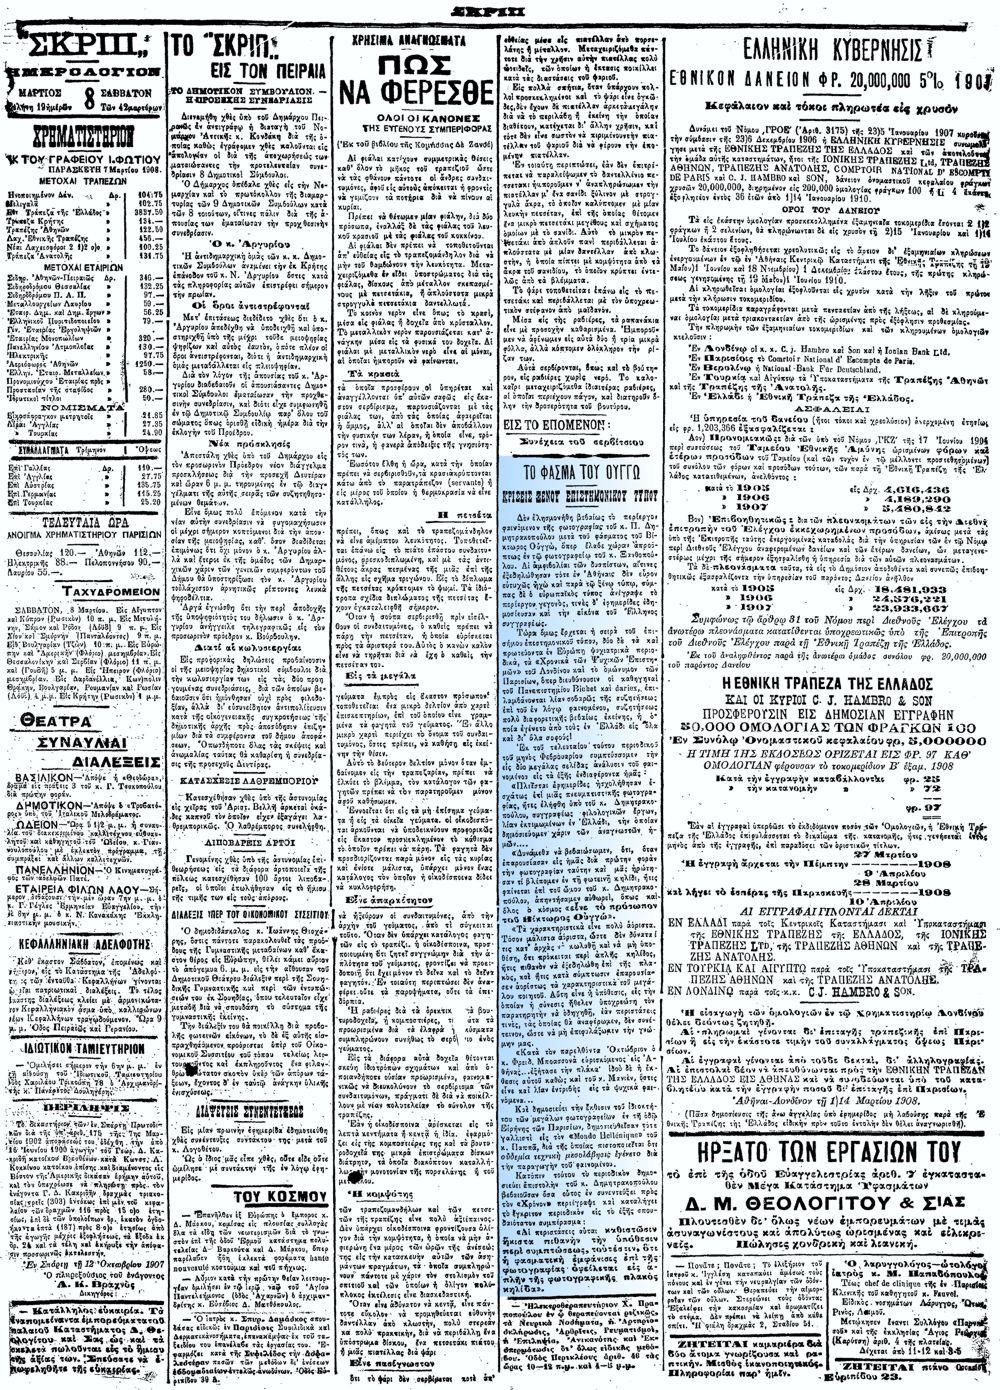 """Το άρθρο, όπως δημοσιεύθηκε στην εφημερίδα """"ΣΚΡΙΠ"""", στις 08/03/1908"""